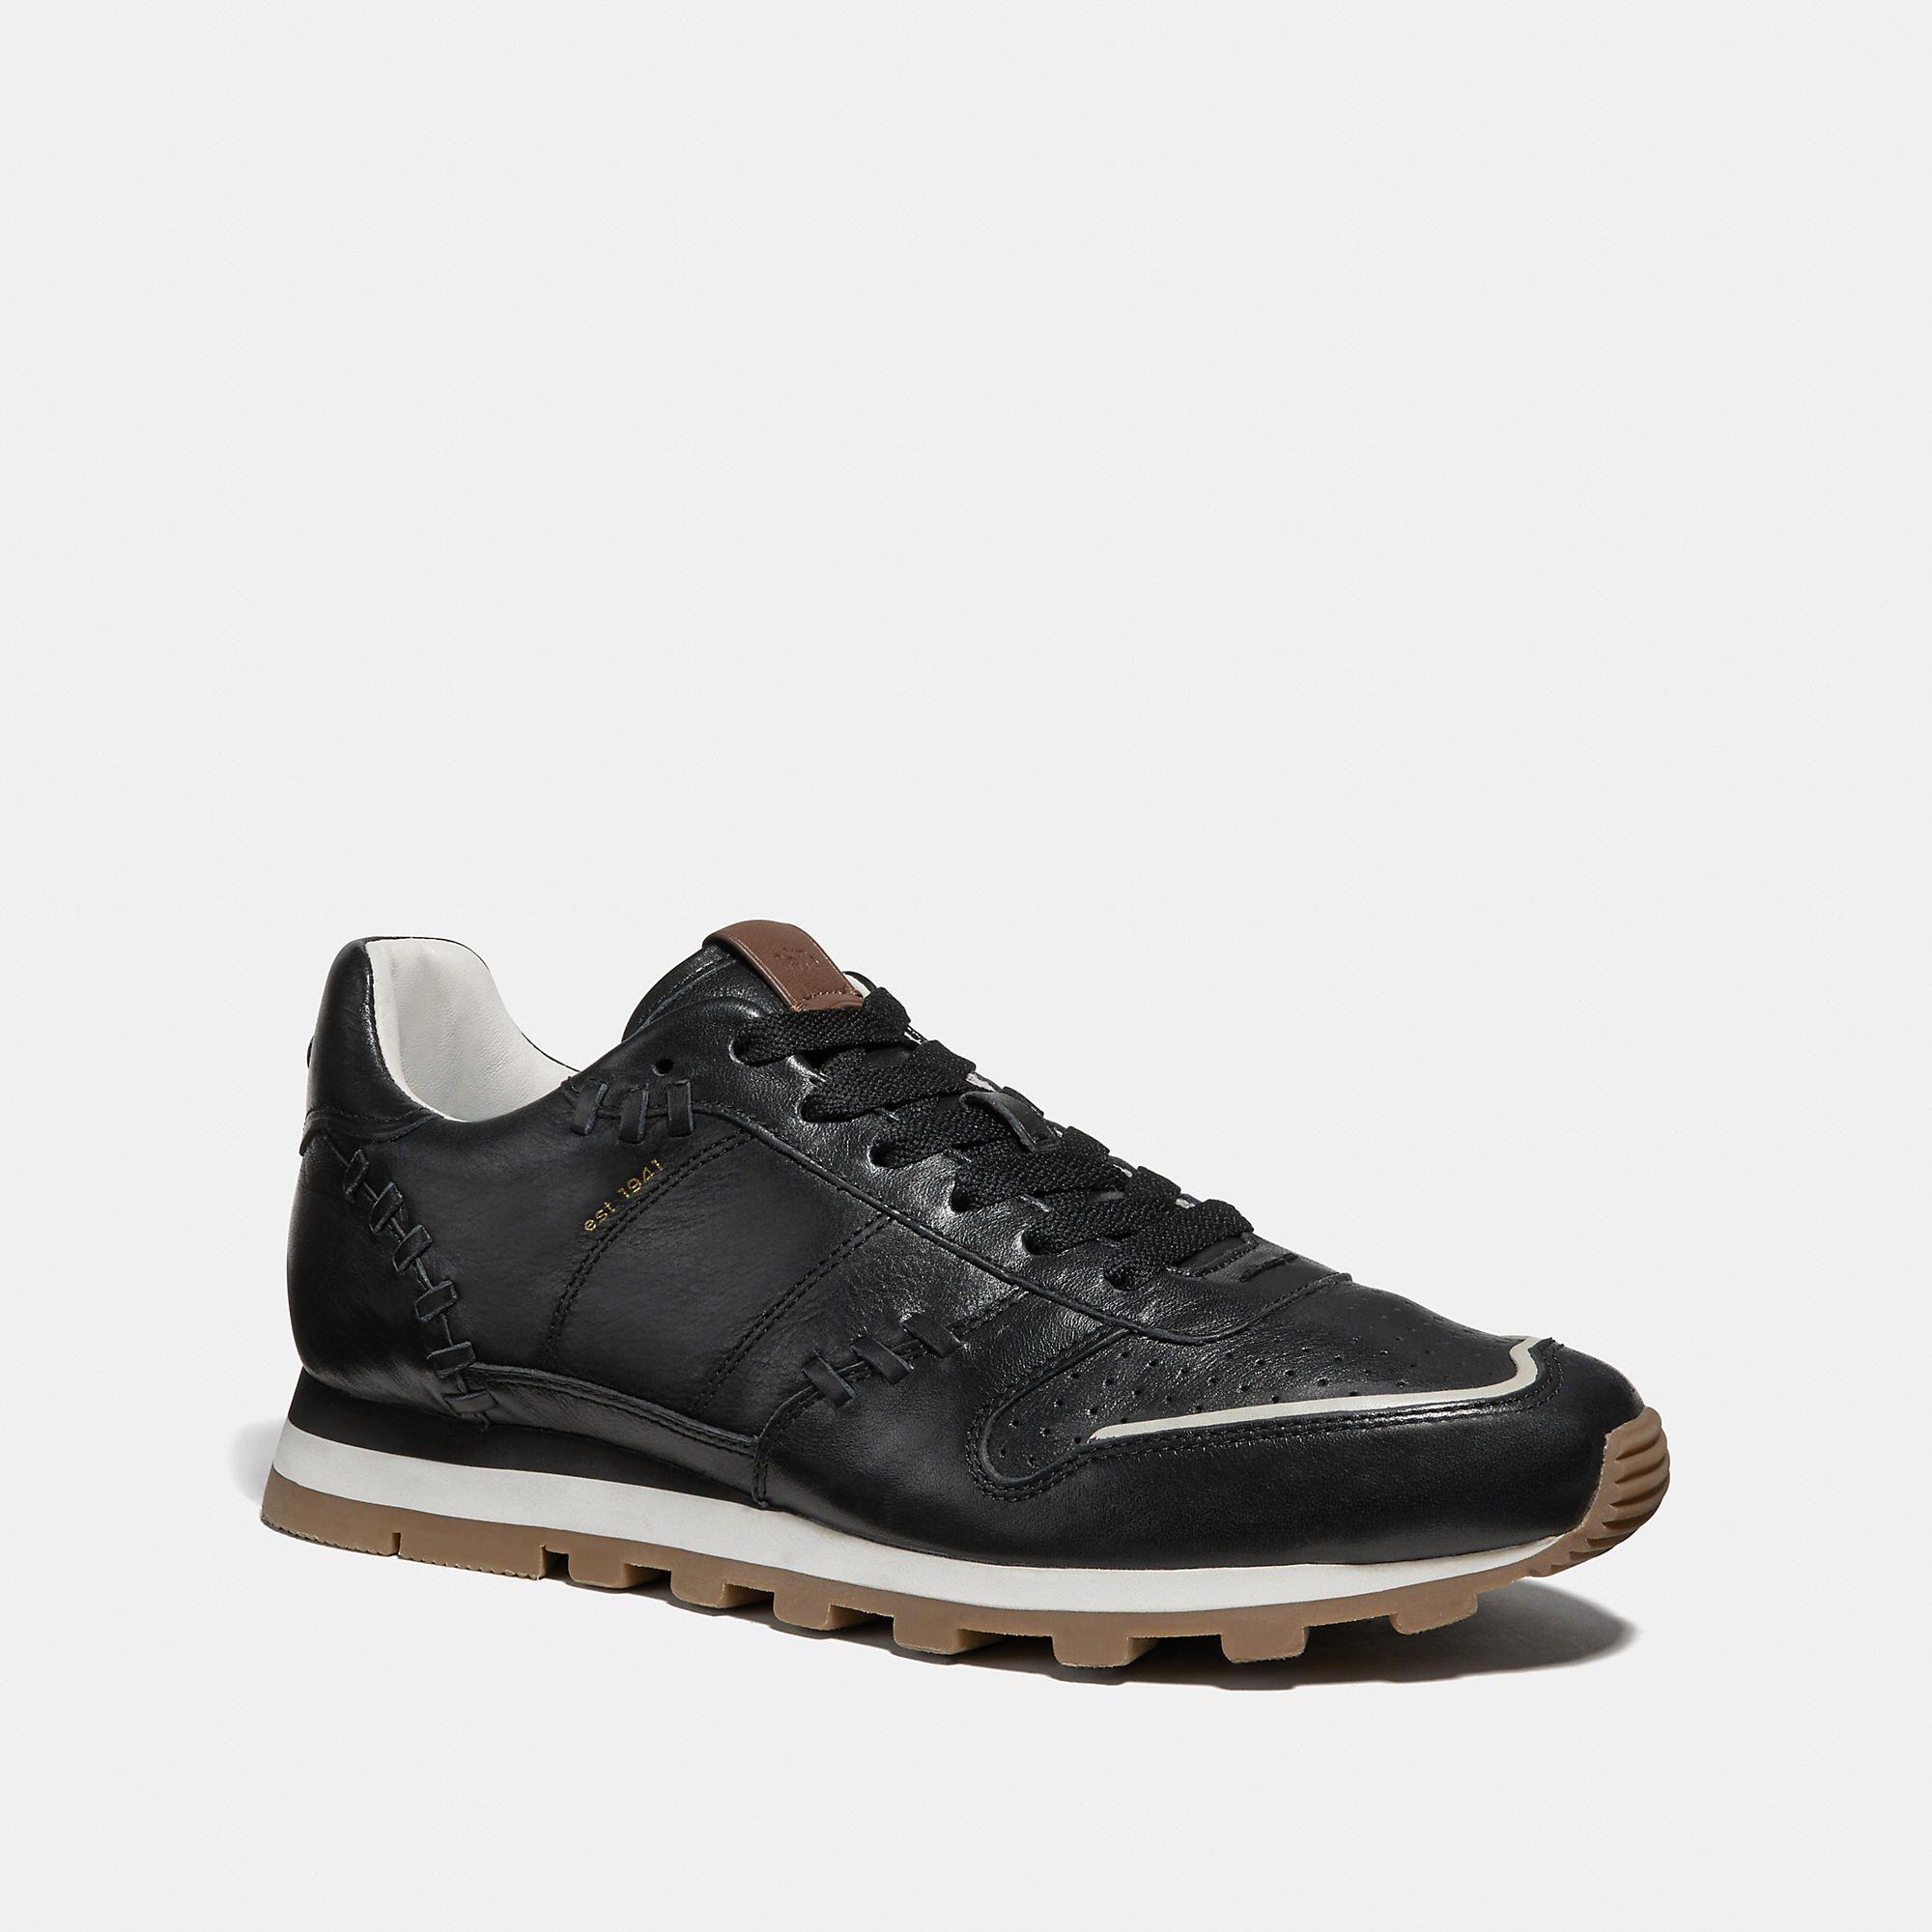 Mens shoes sale, Coach, Leather dress shoes